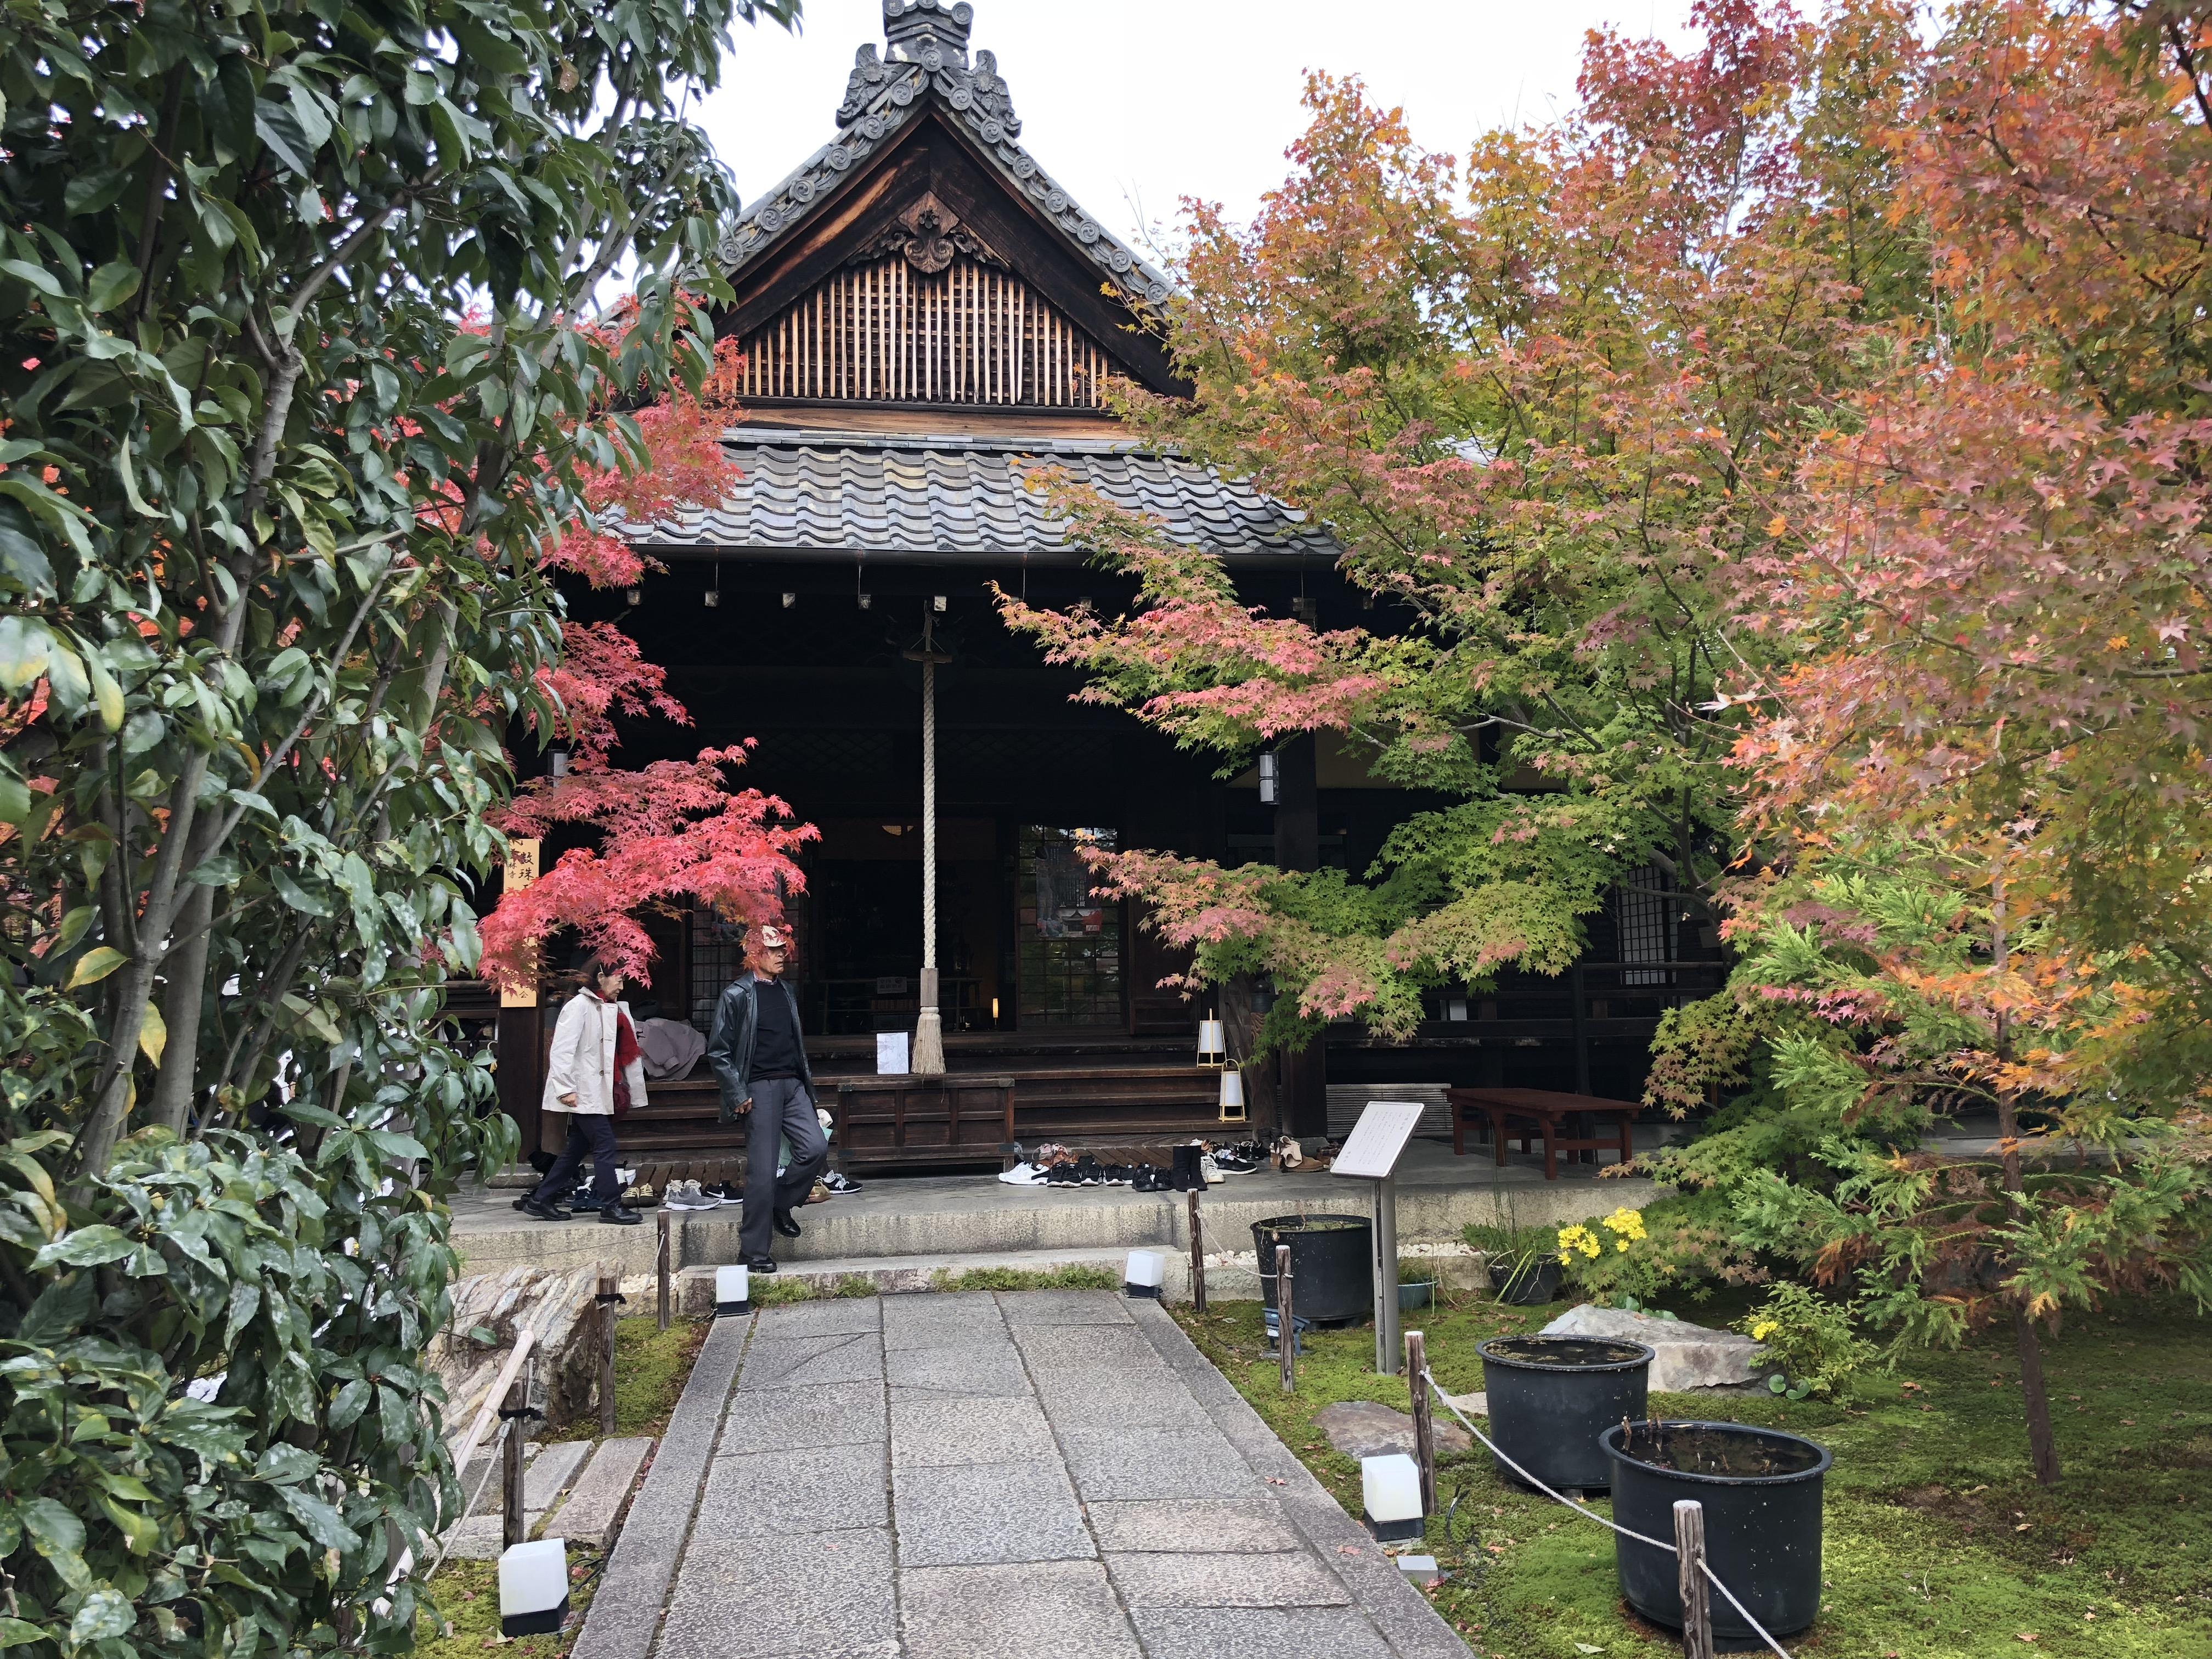 京都の毘沙門天で有名な勝林寺の漆喰壁